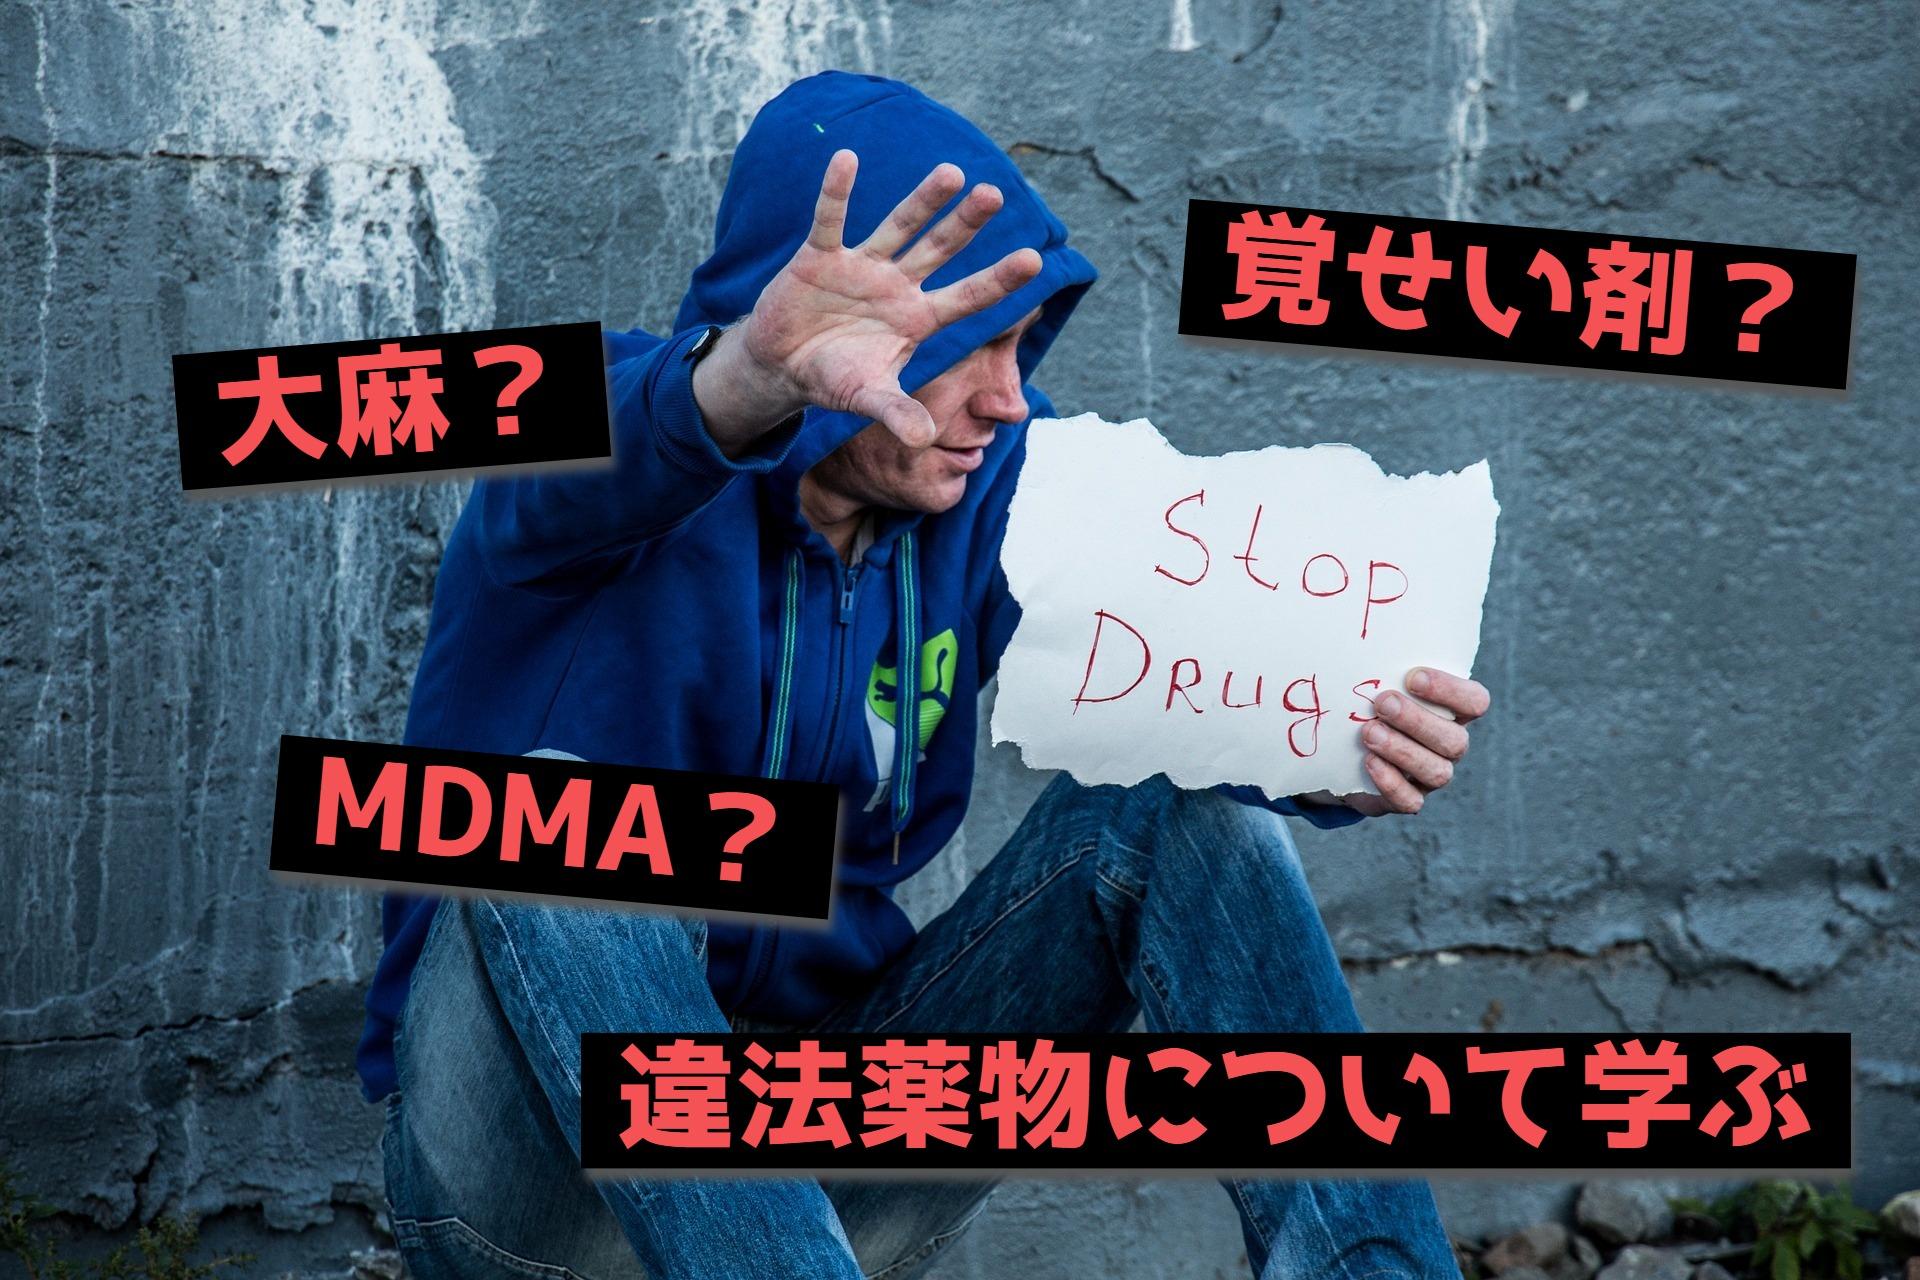 芸能人が大麻所持で逮捕!この機会に違法薬物について知る